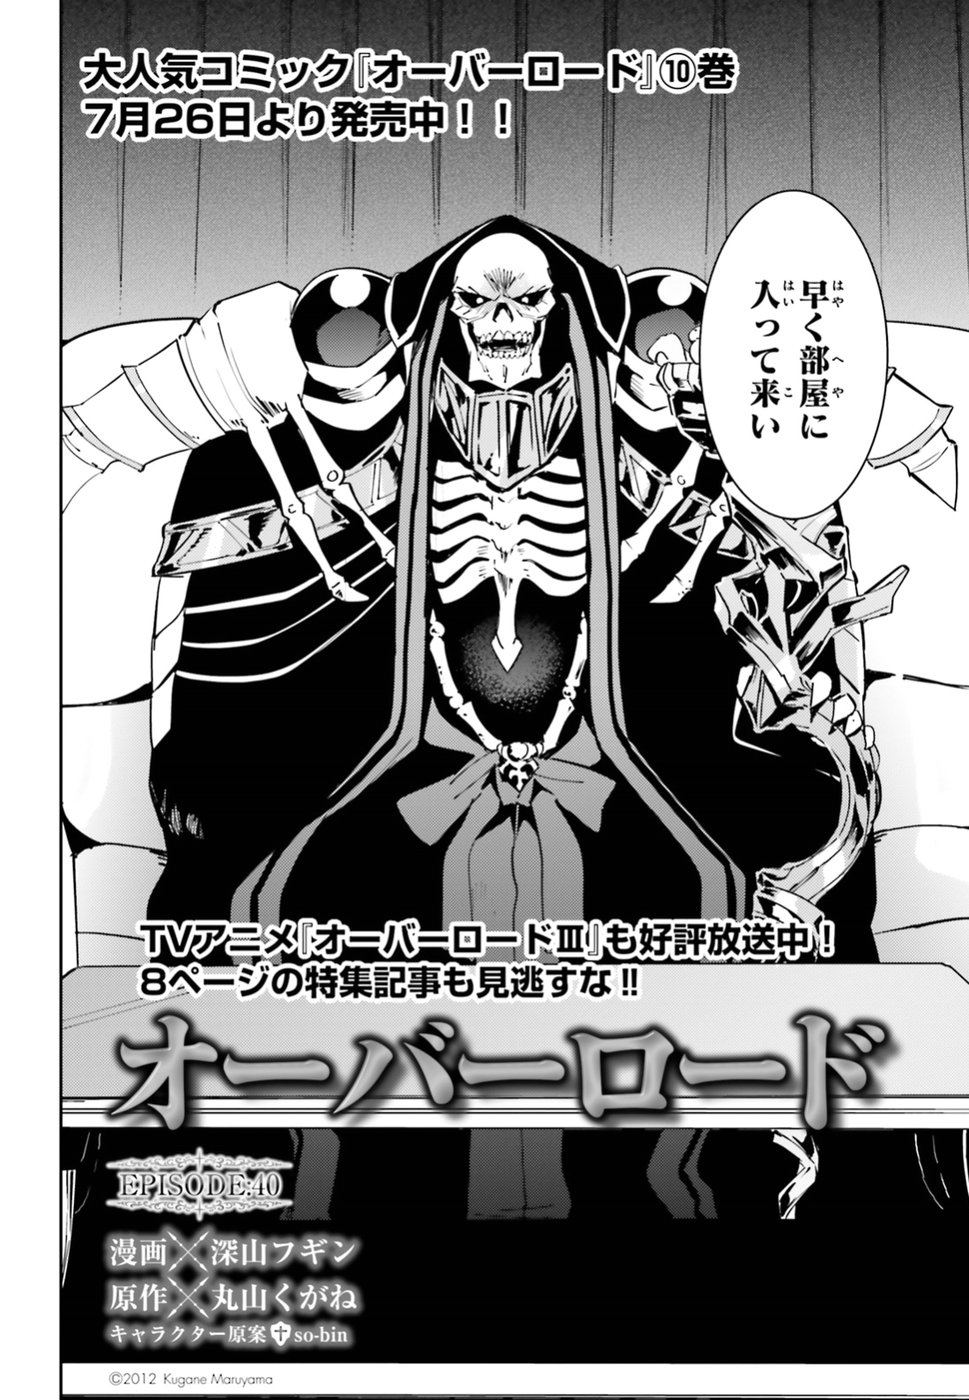 Overlord Manga